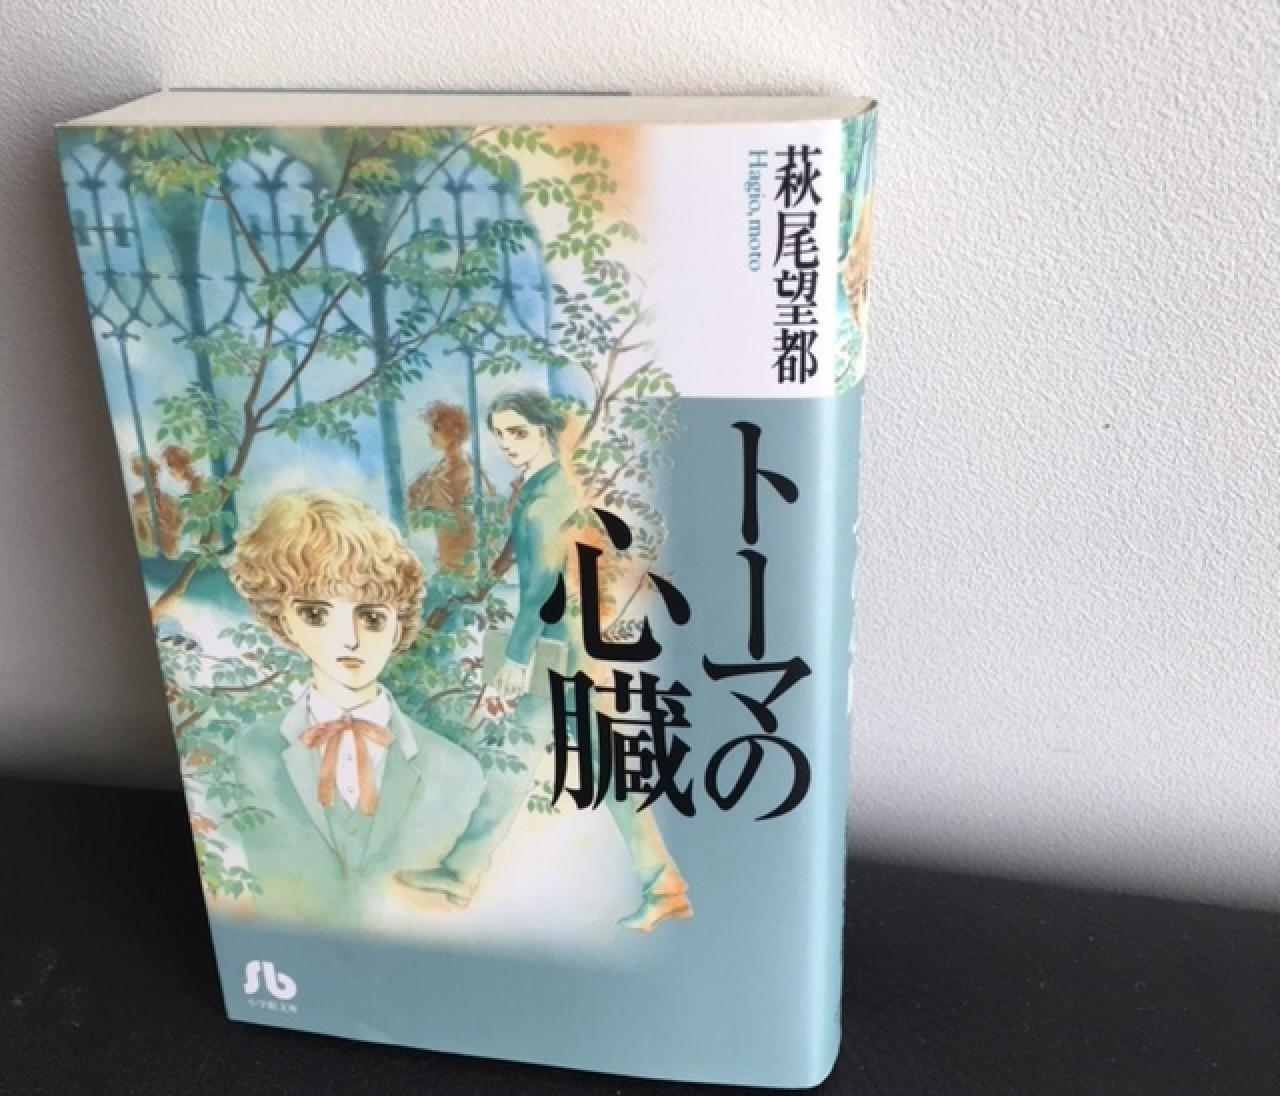 萩尾望都先生の『トーマの心臓』40年がけで感動した件。